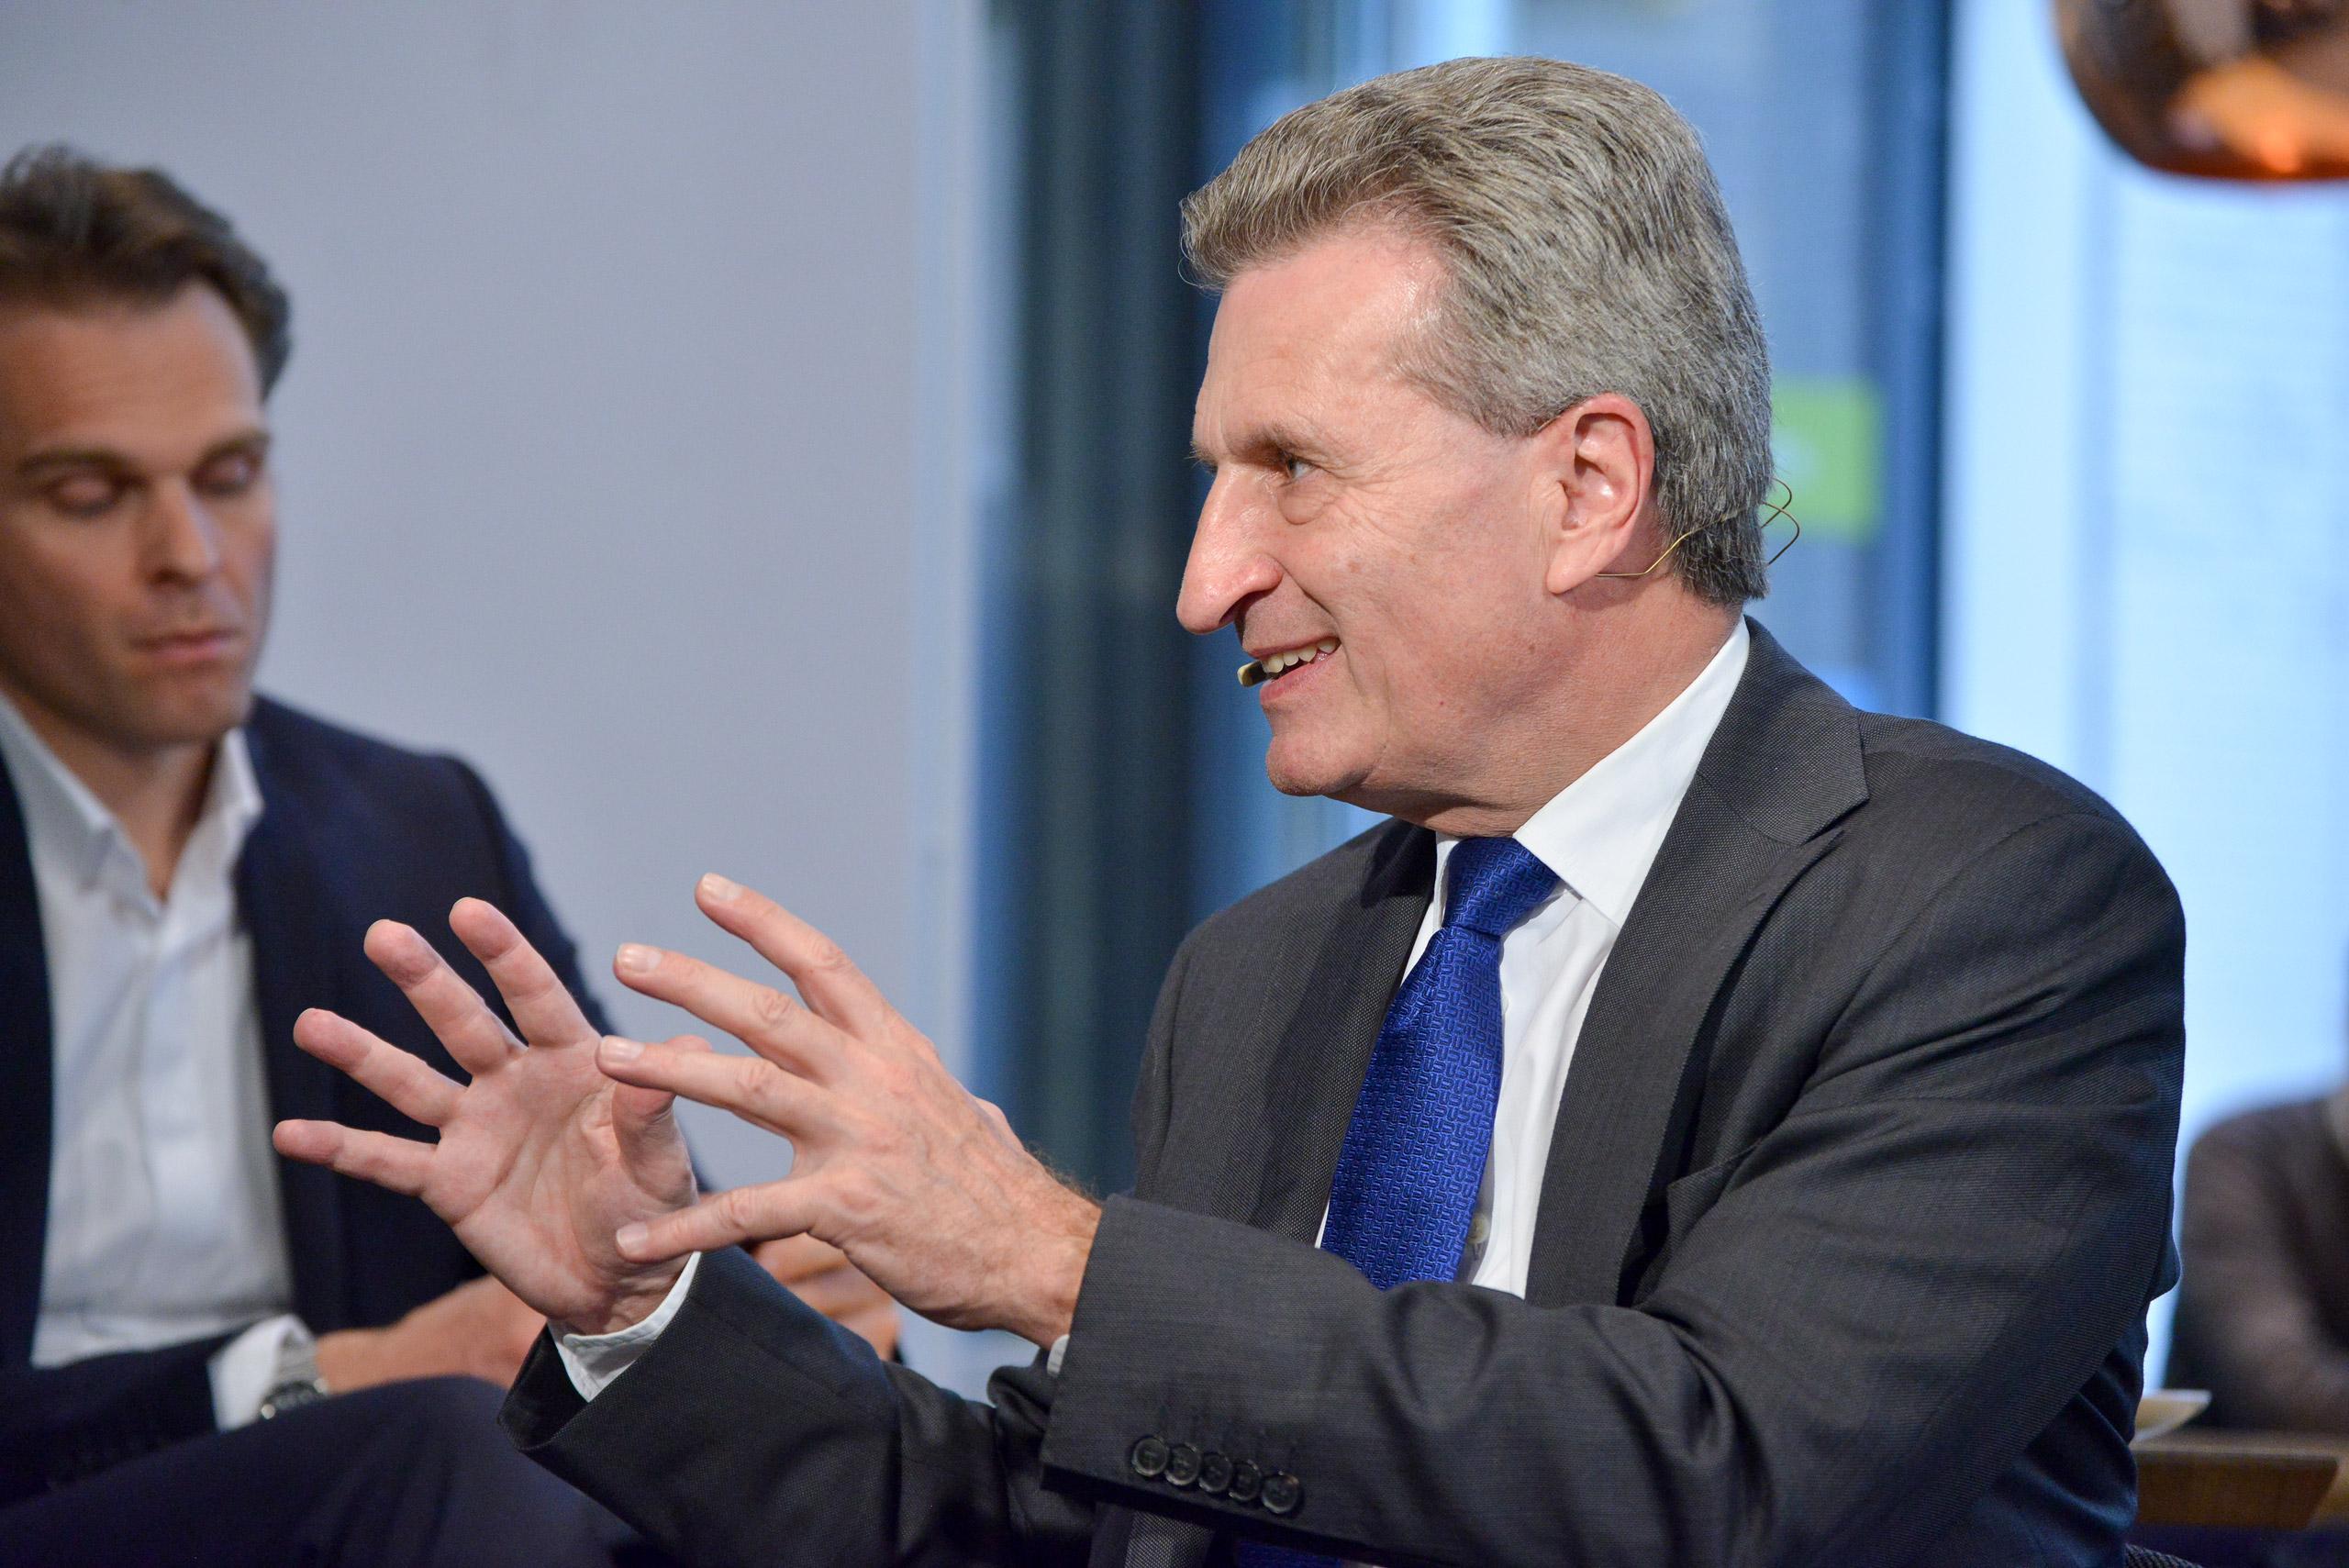 EU-Kommissar Günther Oettinger arbeitet am Digitalen Binnenmarkt